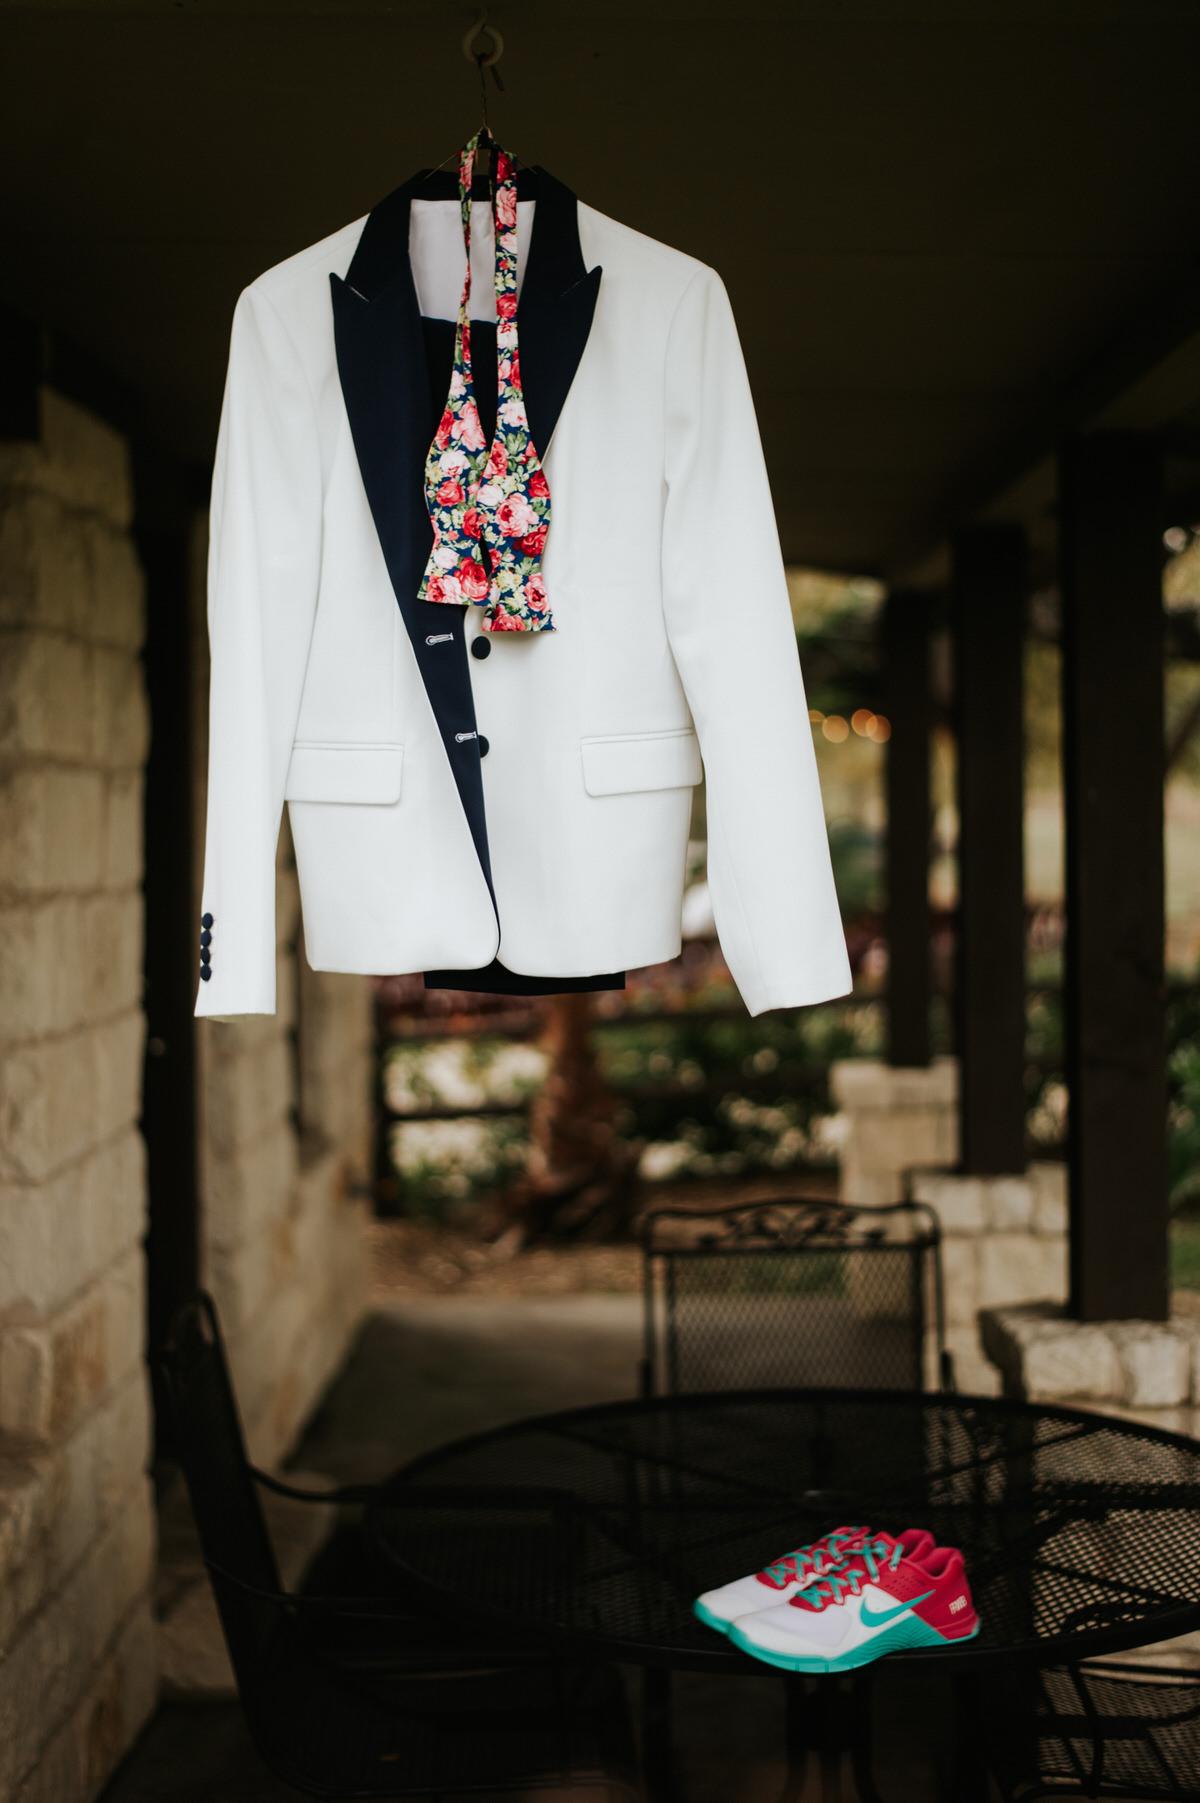 Wedding suit hanging